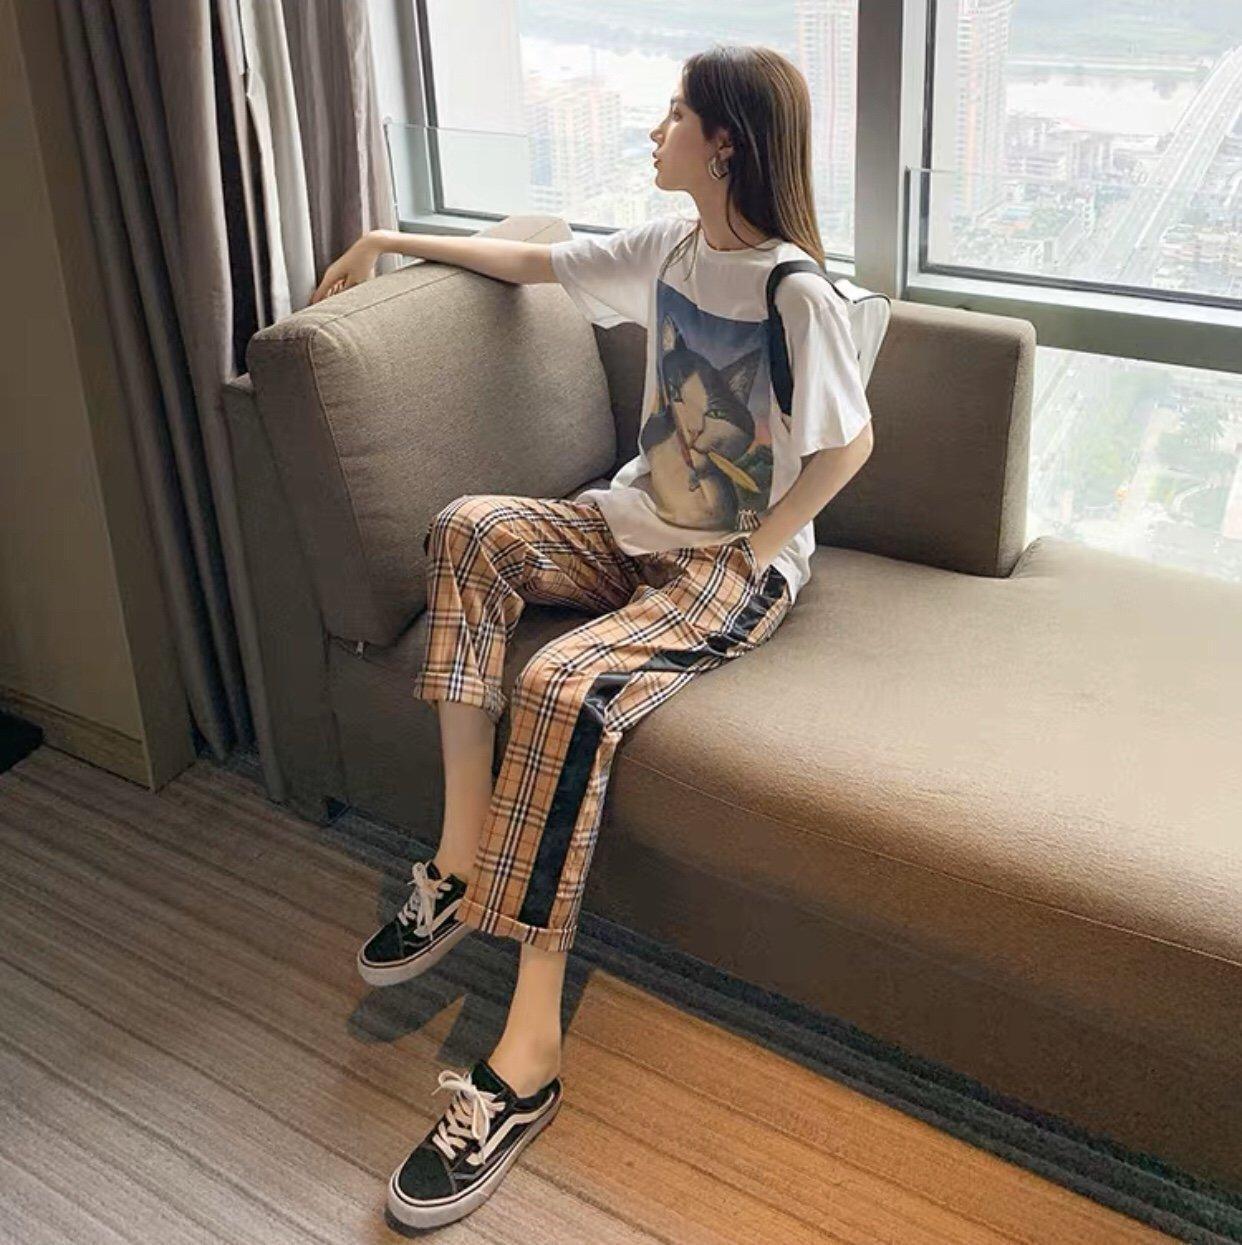 Designer 2020 camicie moda estate magliette delle magliette delle donne estate calda preferita 2020 Nuova T3L1 fascino classico migliore commercio all'ingrosso